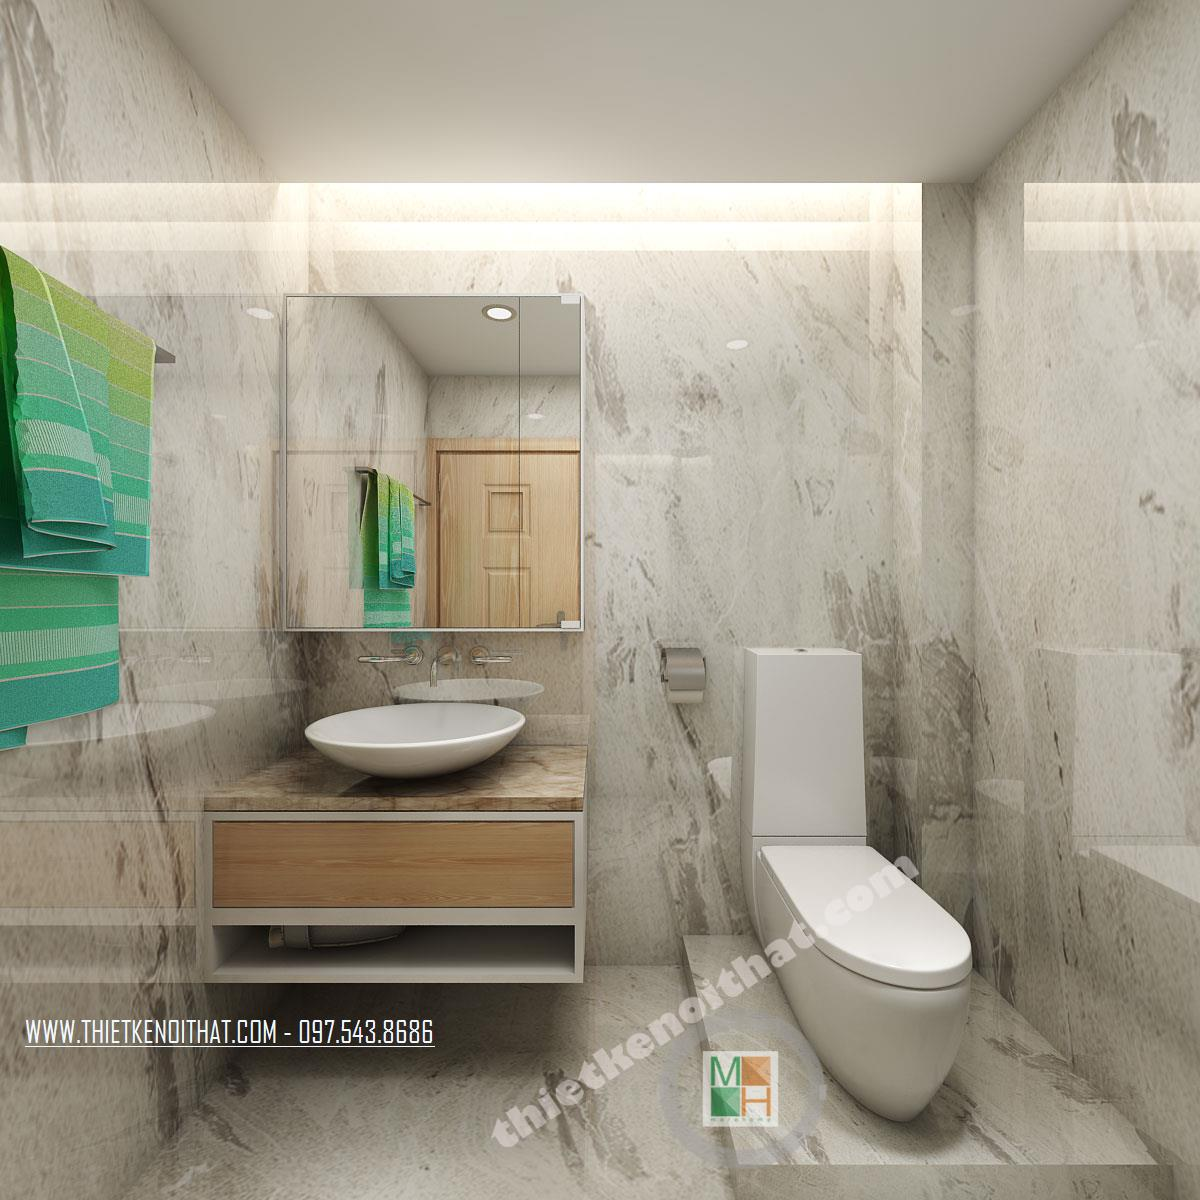 Thiết kế nội thất phòng tắm chung cư Bà Triệu Hoàn Kiếm phong cách hiện đại